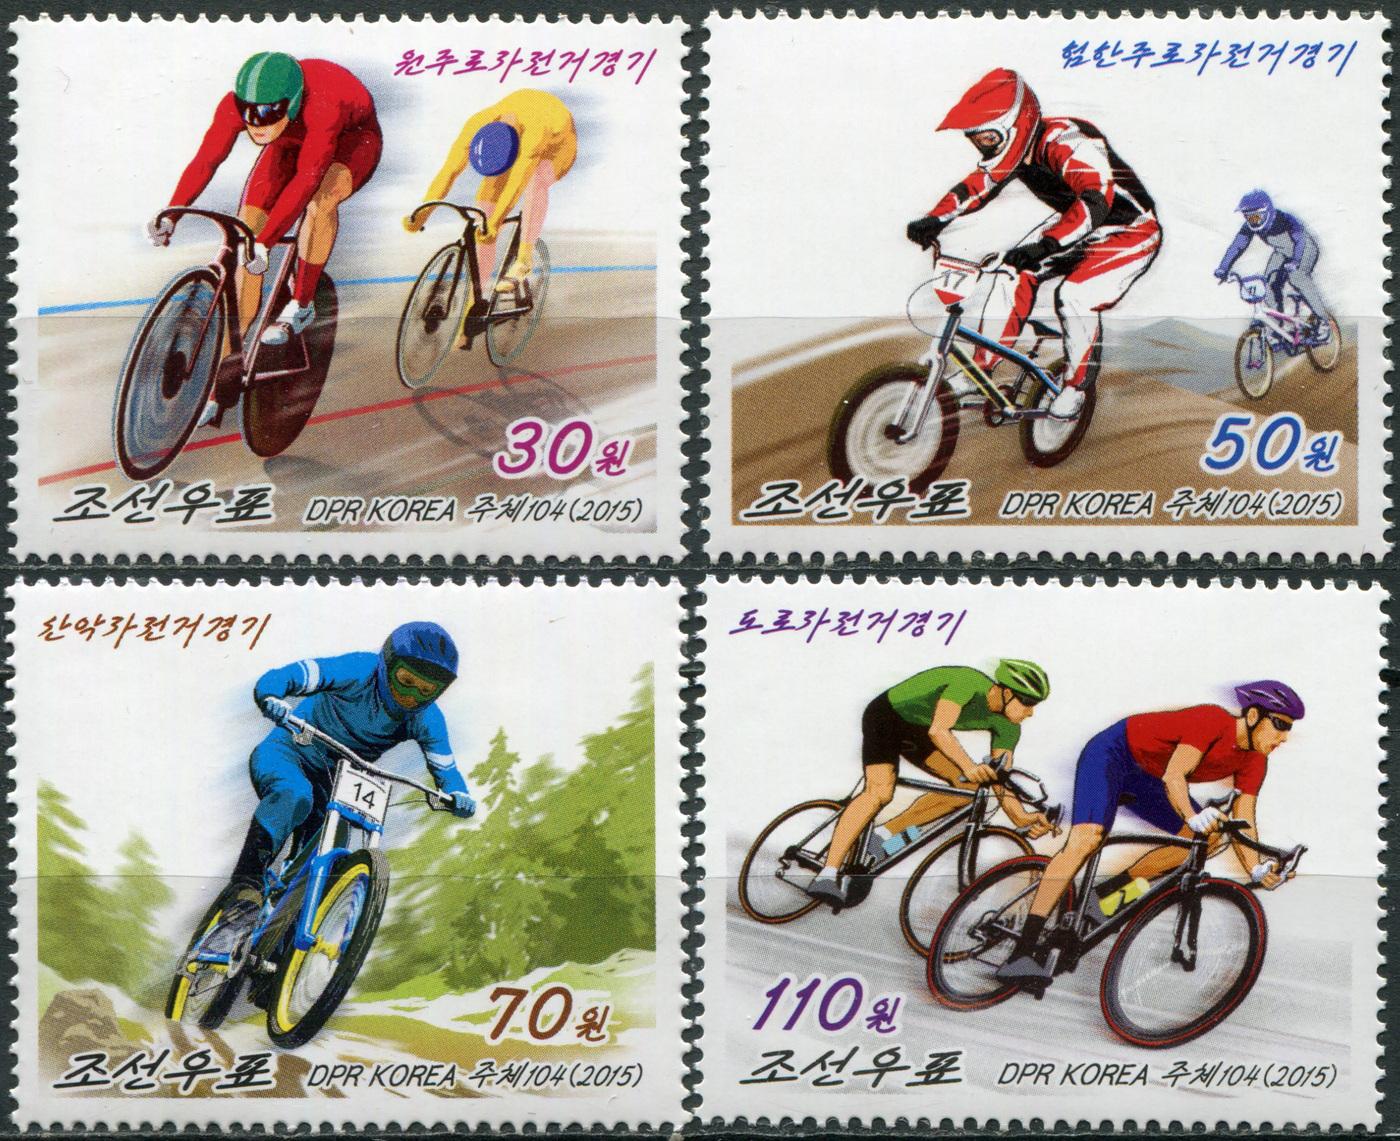 КНДР 2015. Велосипедный спорт (MNH OG) Серия из 4 марок